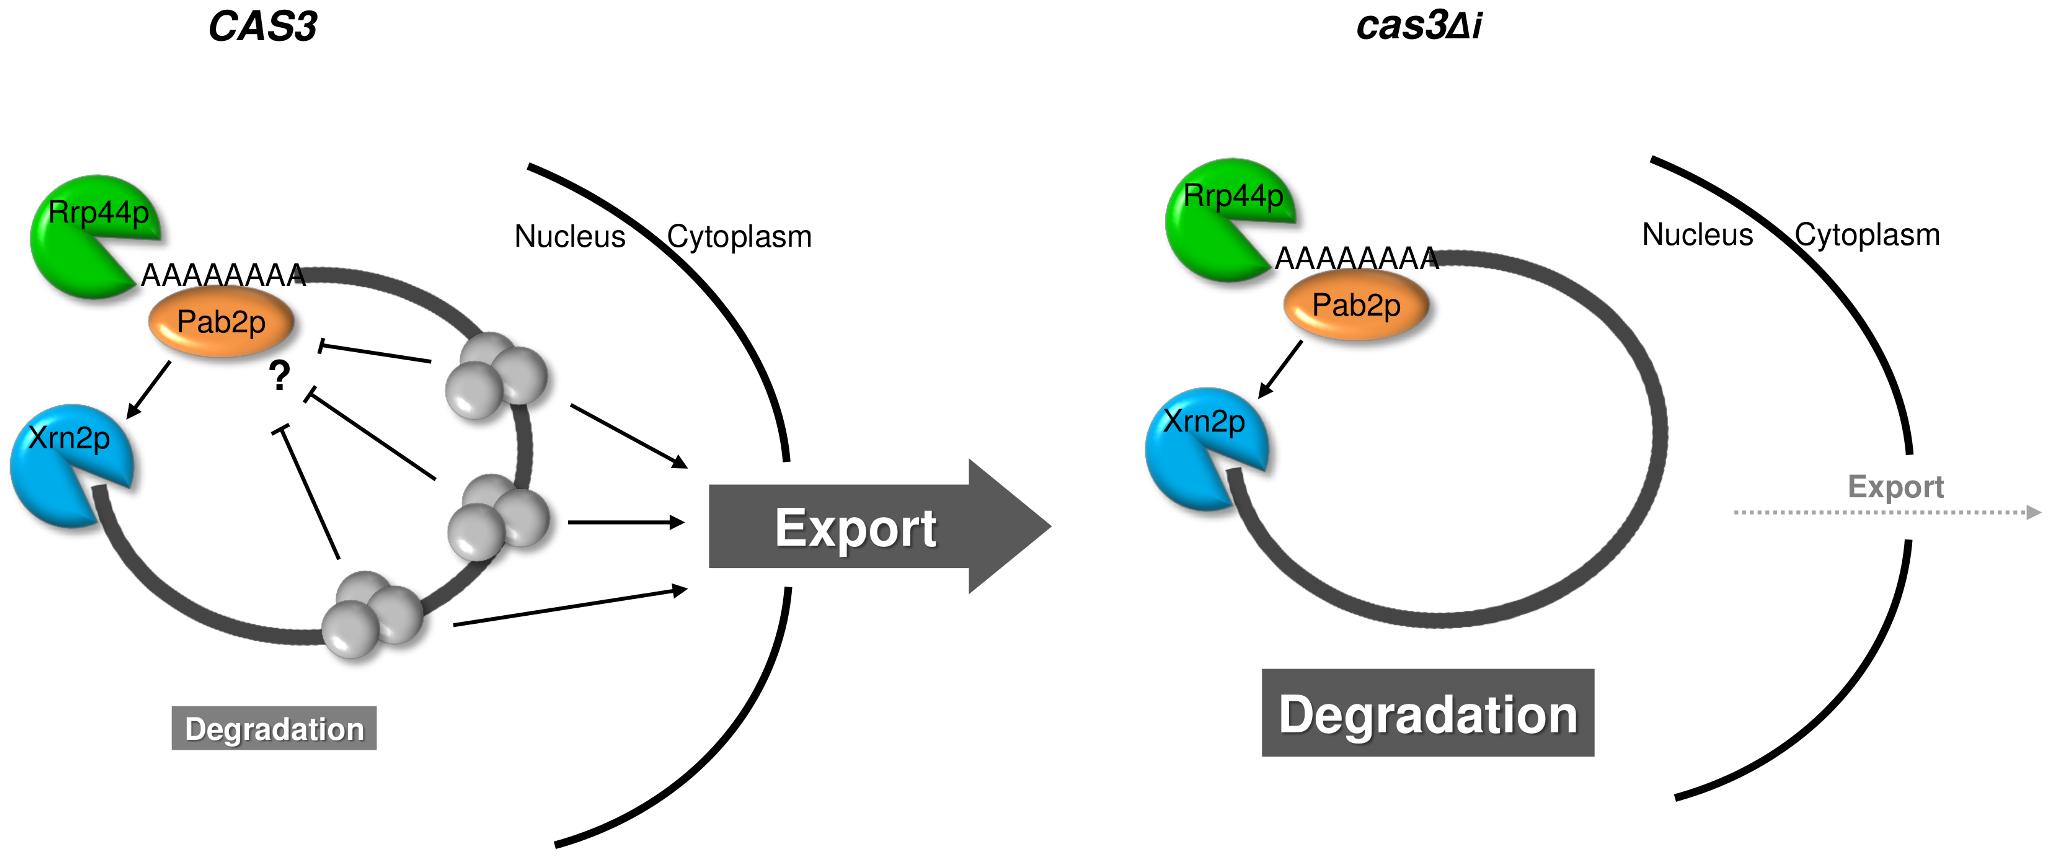 Model for intron-dependent gene expression regulation in <i>C. neoformans</i>.